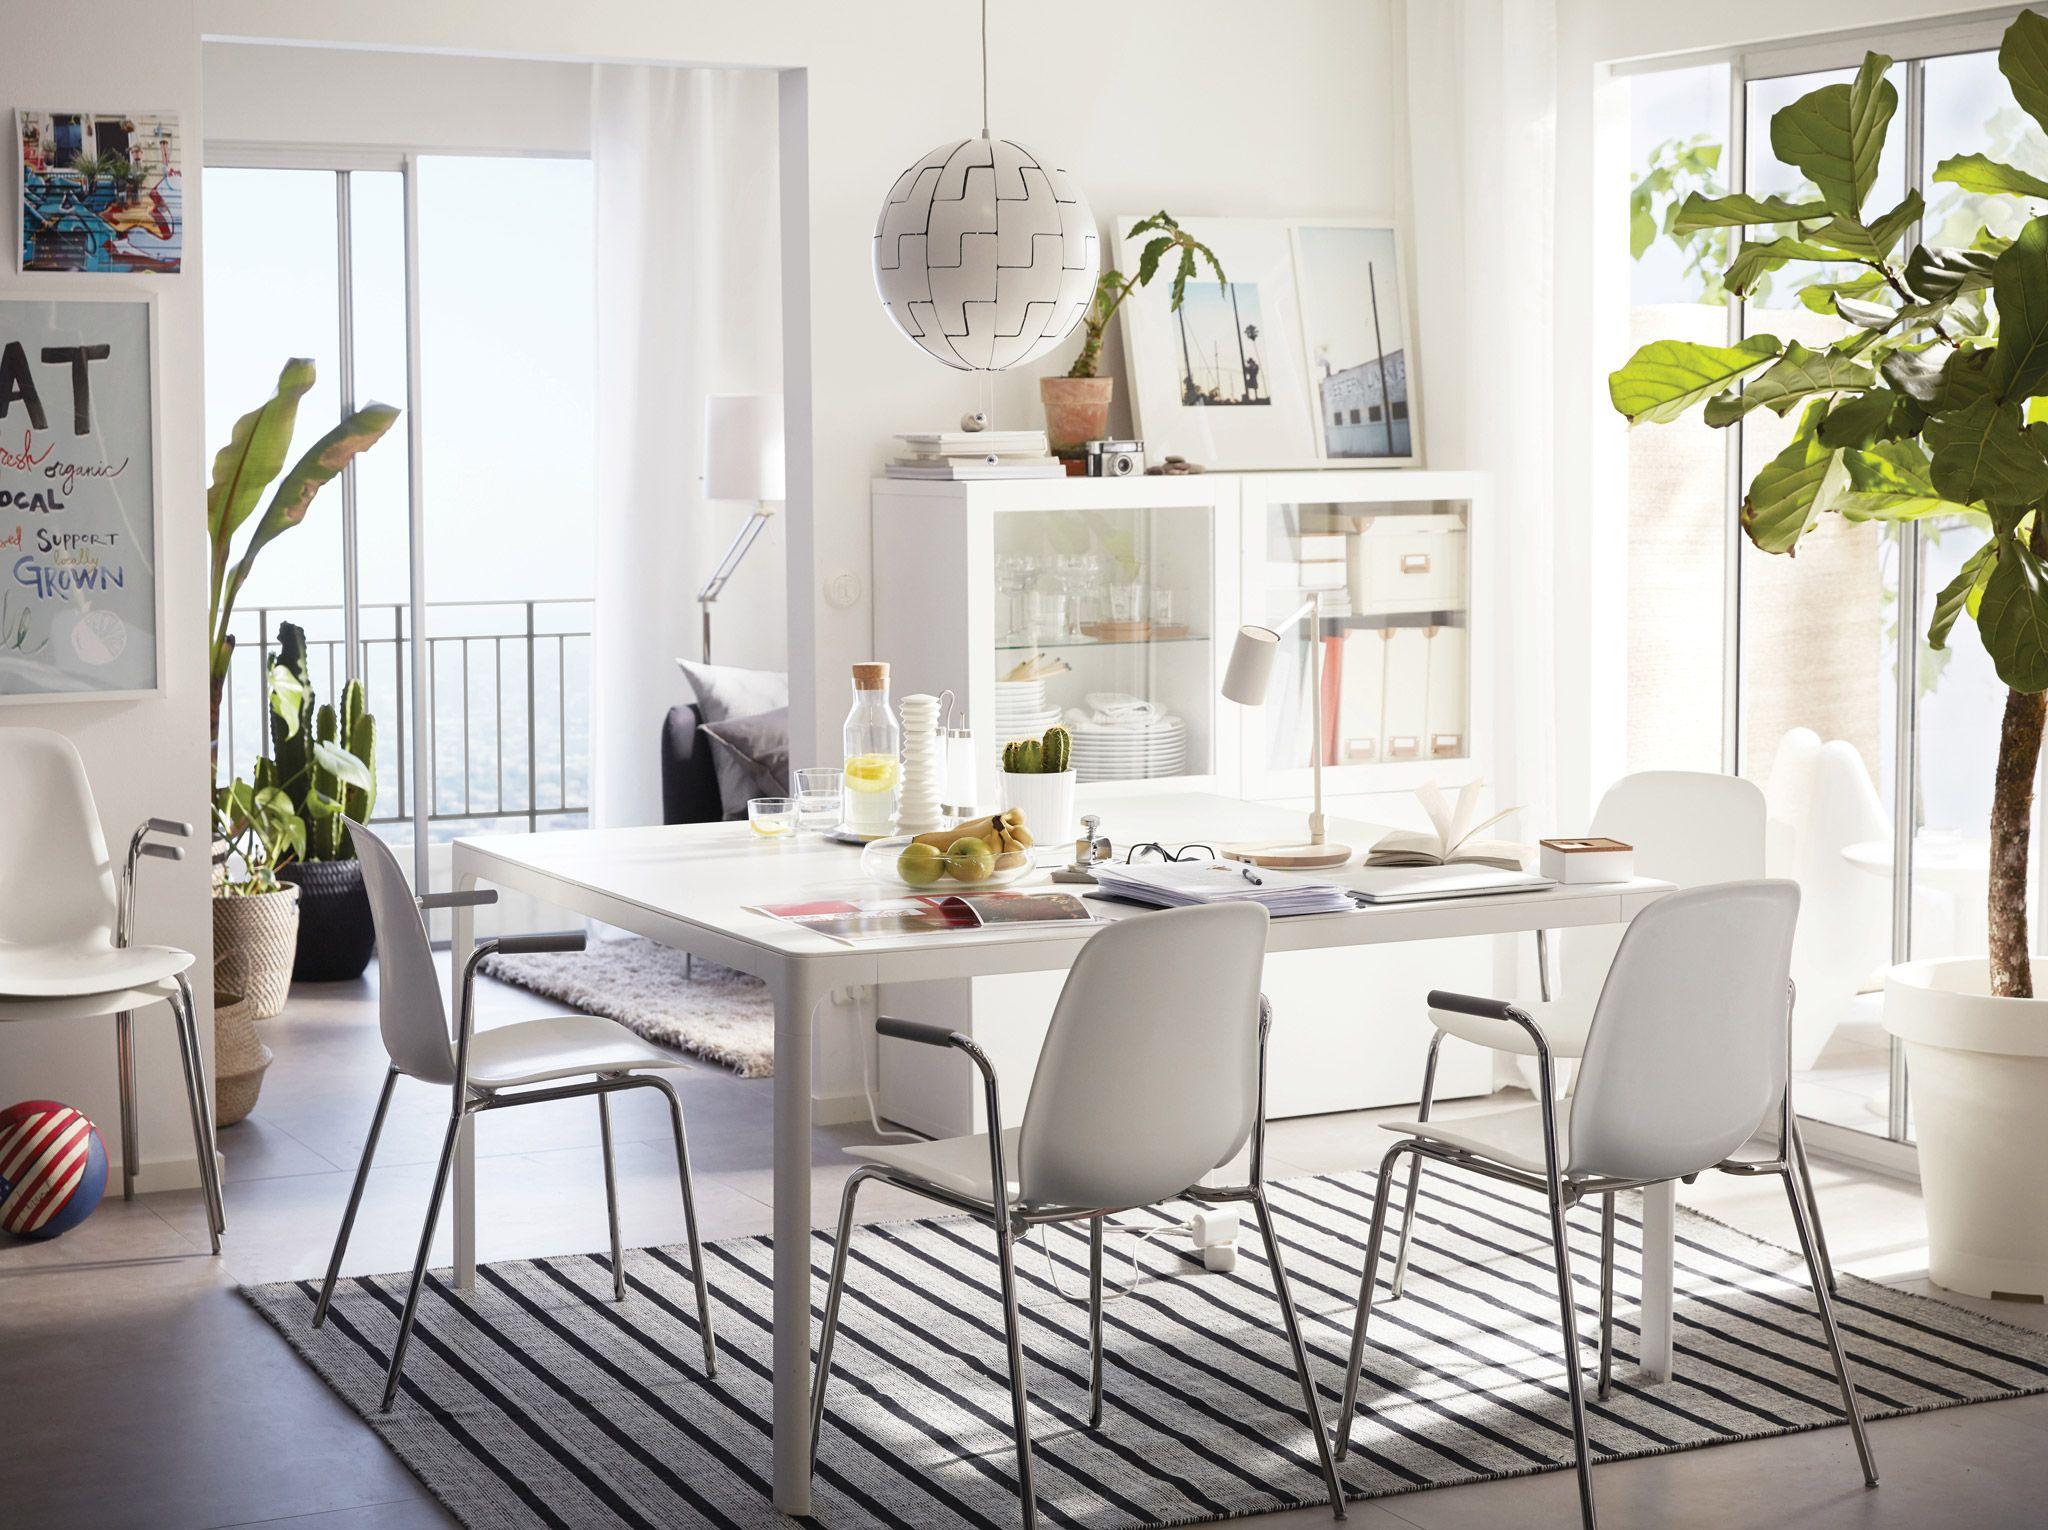 Kuche Tisch Und Stuhle Kuche Stuhl Kissen Esszimmer Tische